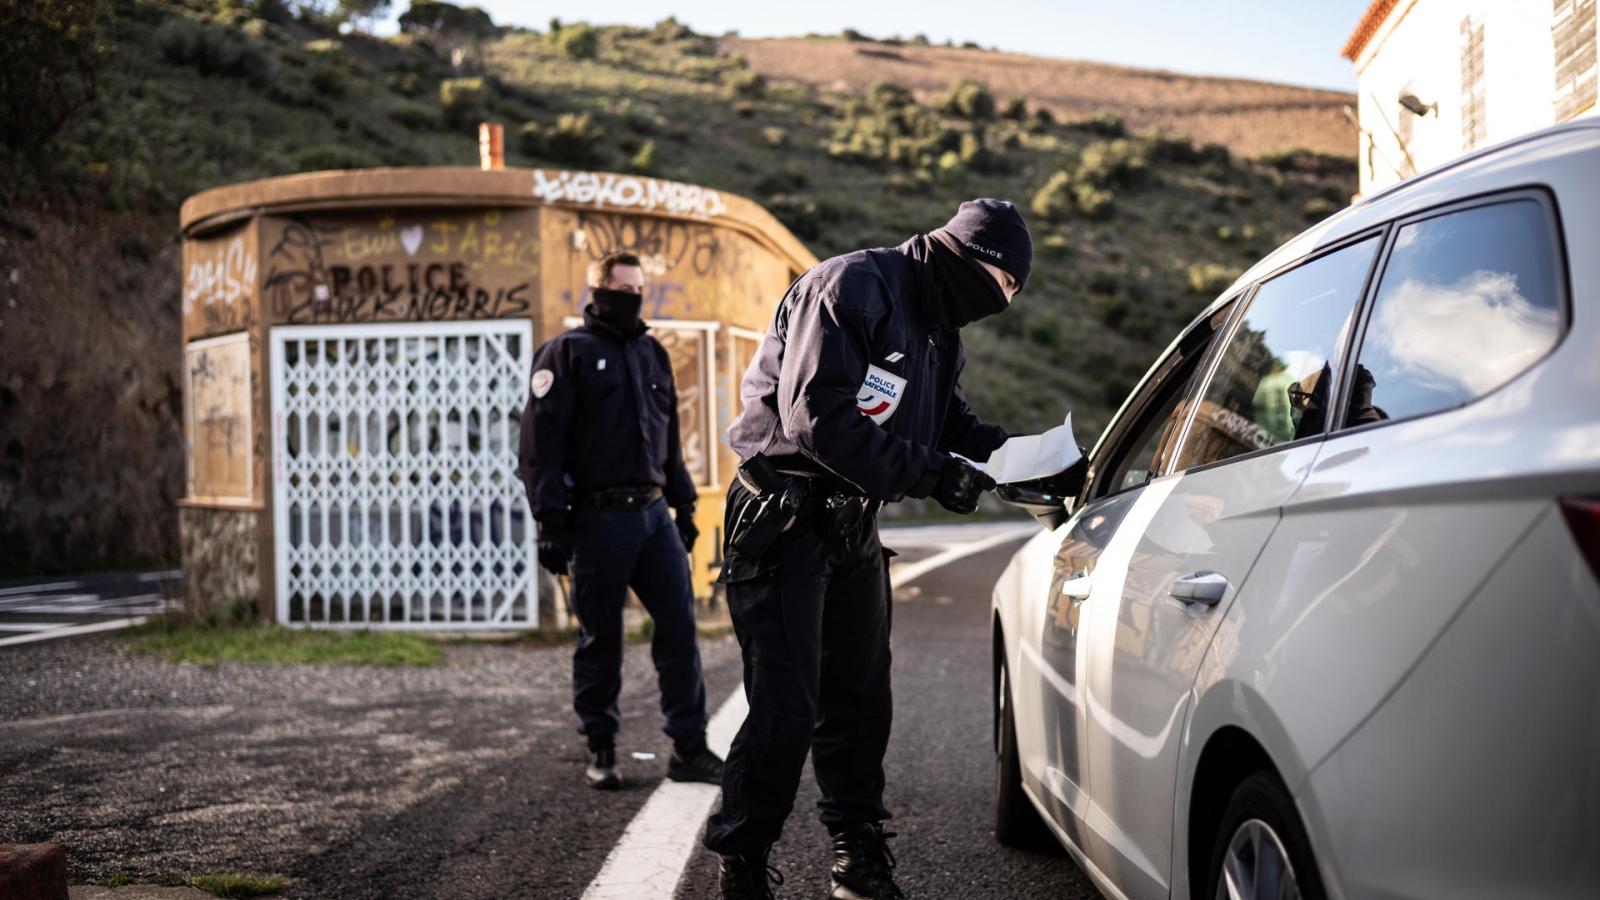 Pháp đóng biên giới hoàn toàn với các nước ngoài EU